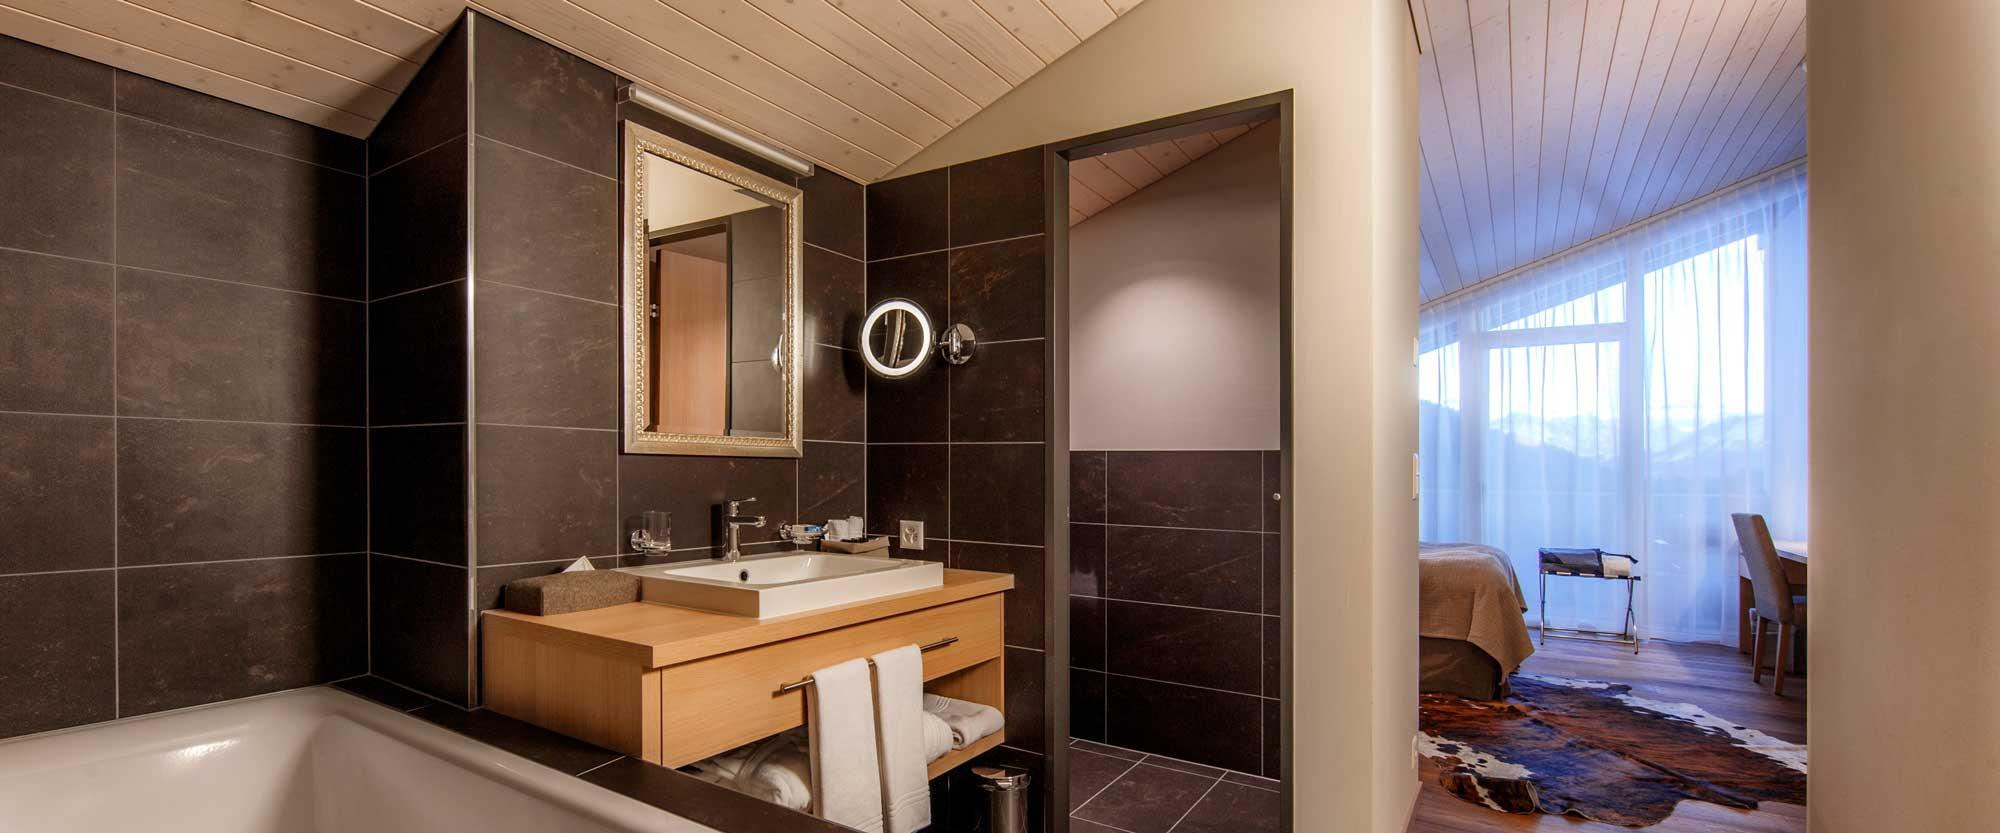 Valbealla Resort Zimmer mit Bad